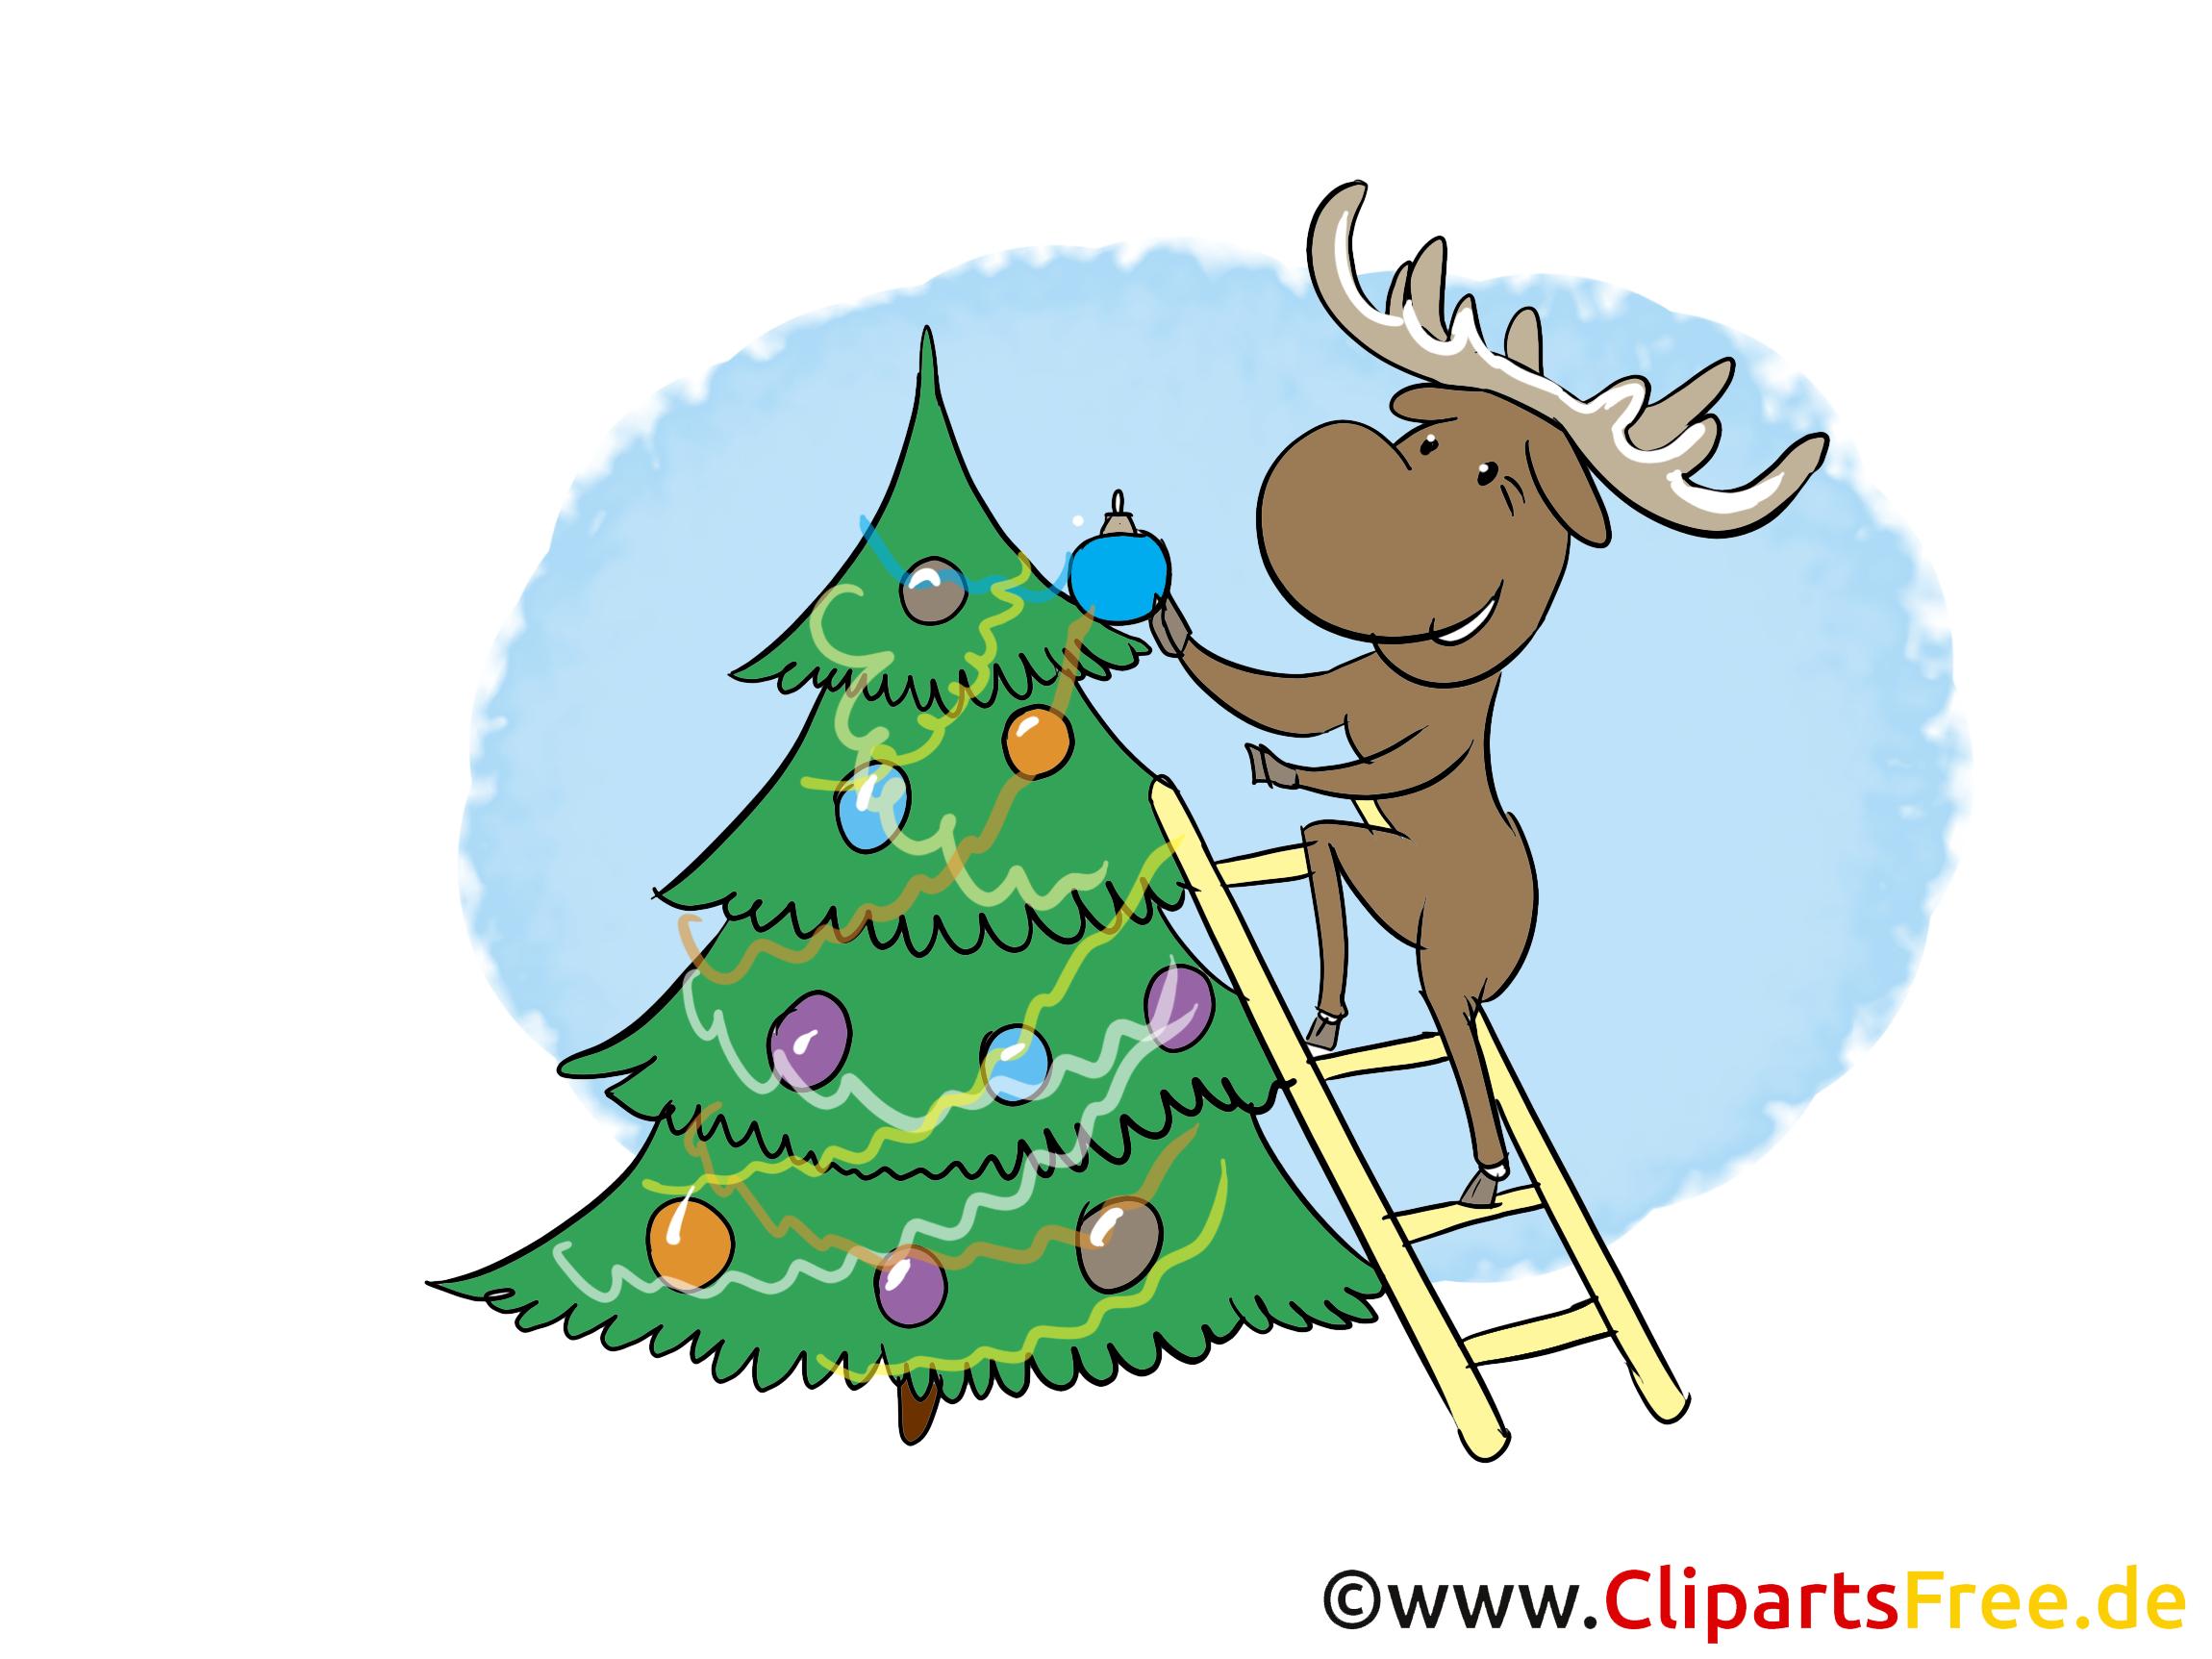 Clipart zum Silvester, Neujahr kostenlos